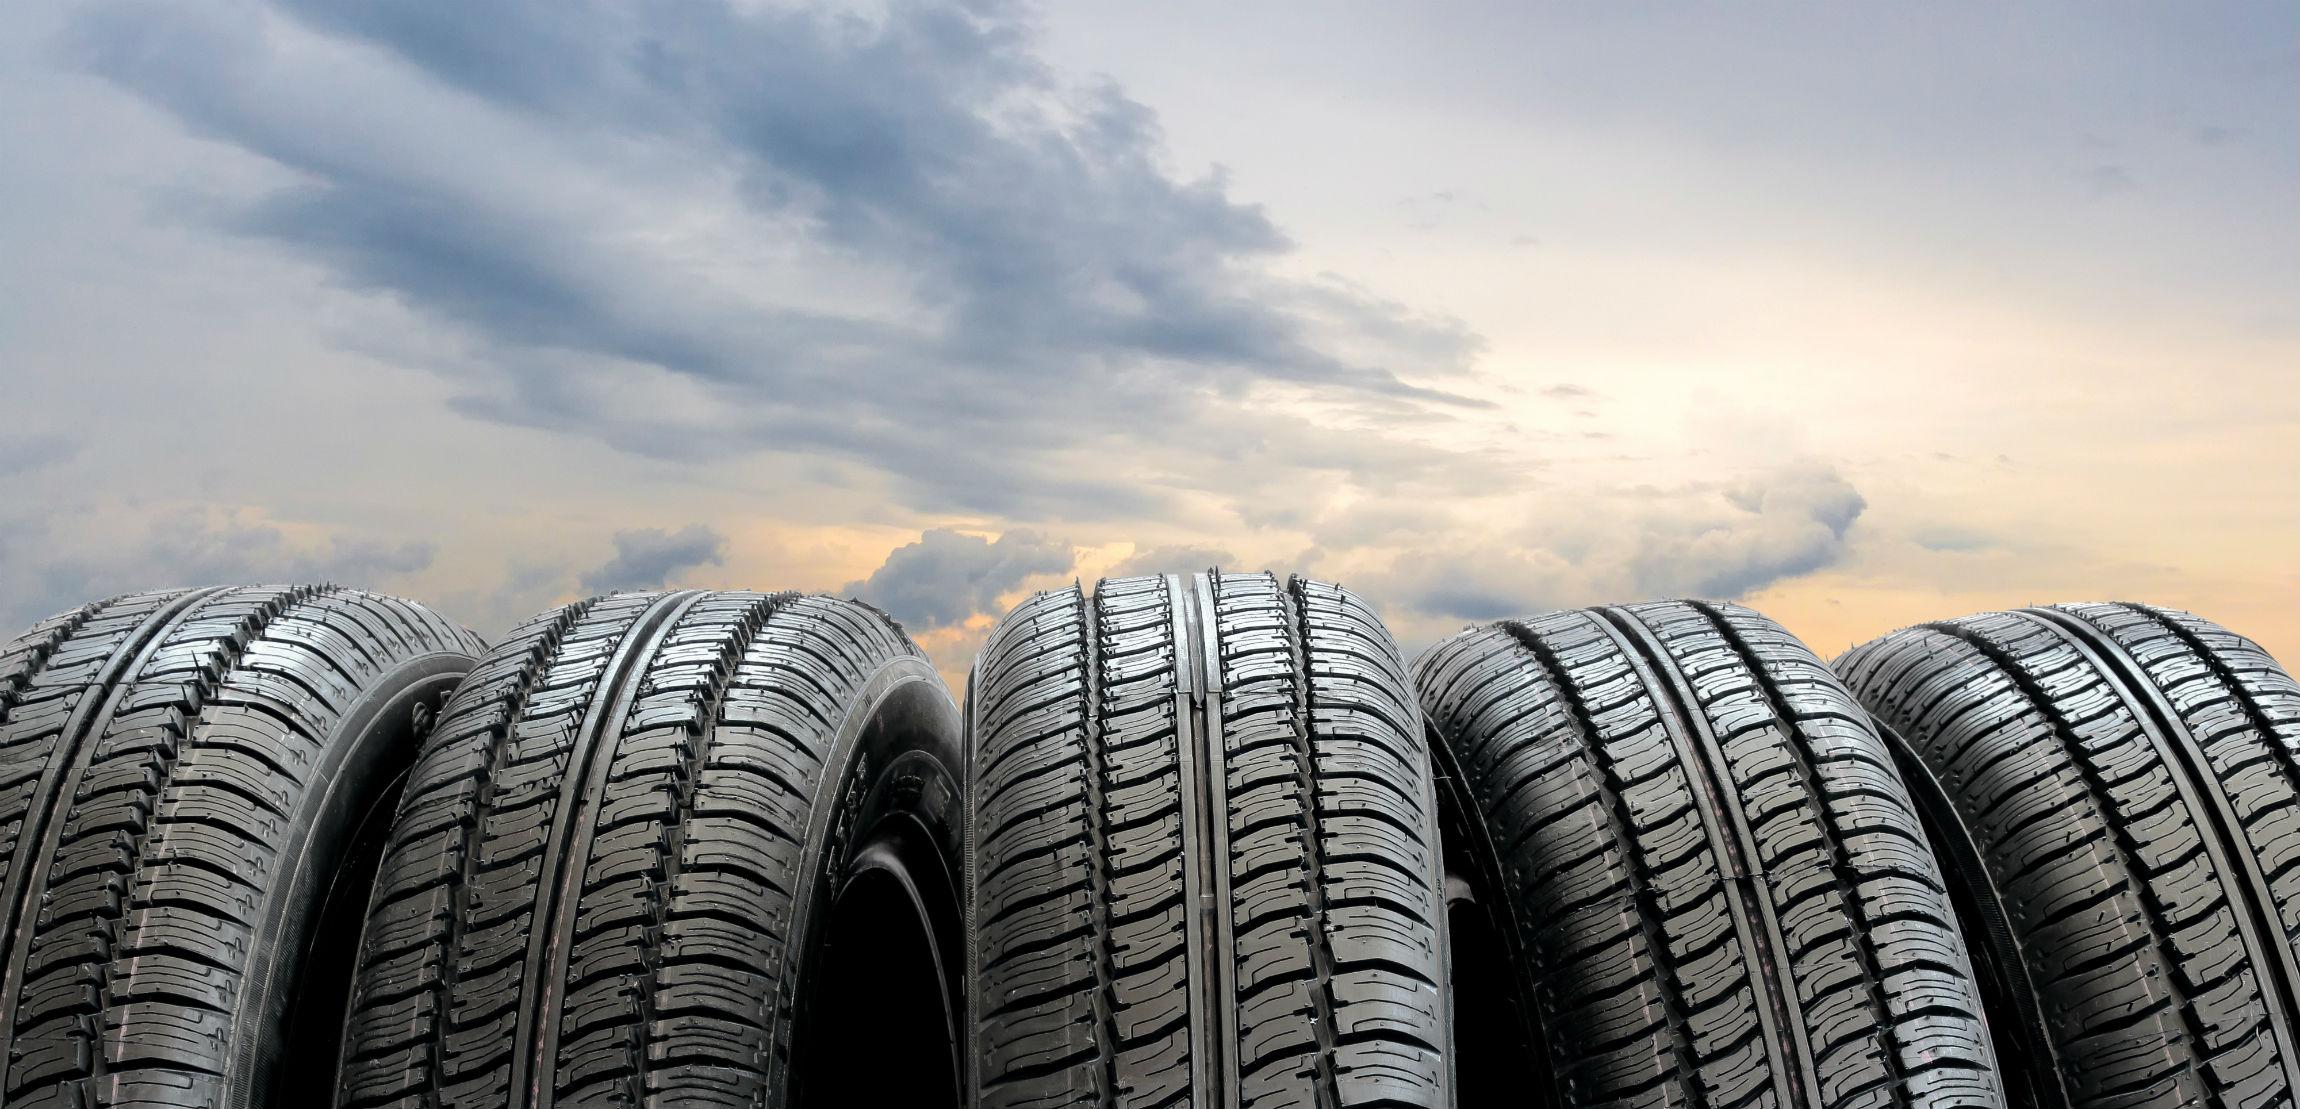 Imagem mostra três bandas de pneus lado a lado com um céu ao fundo